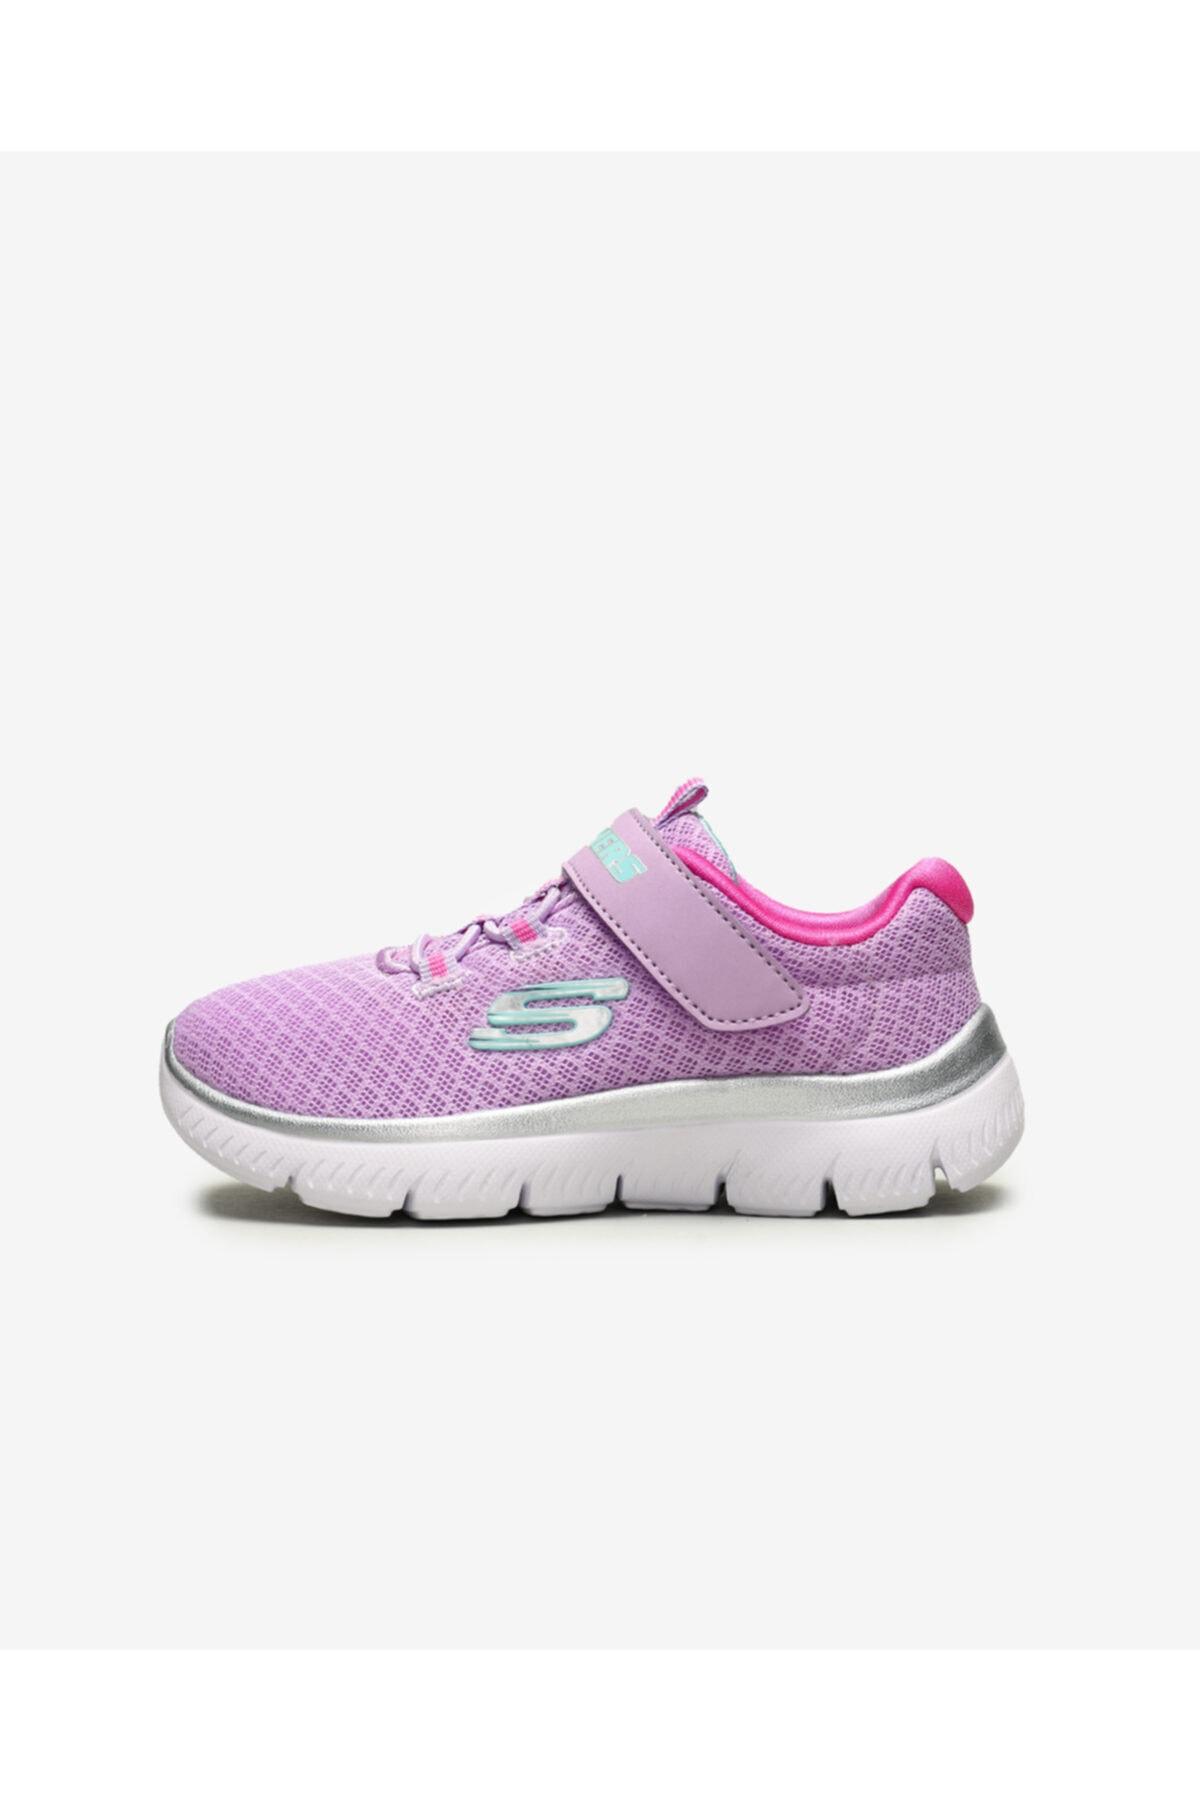 SKECHERS SUMMITS - Küçük Kız Çocuk Mor Spor Ayakkabı 1